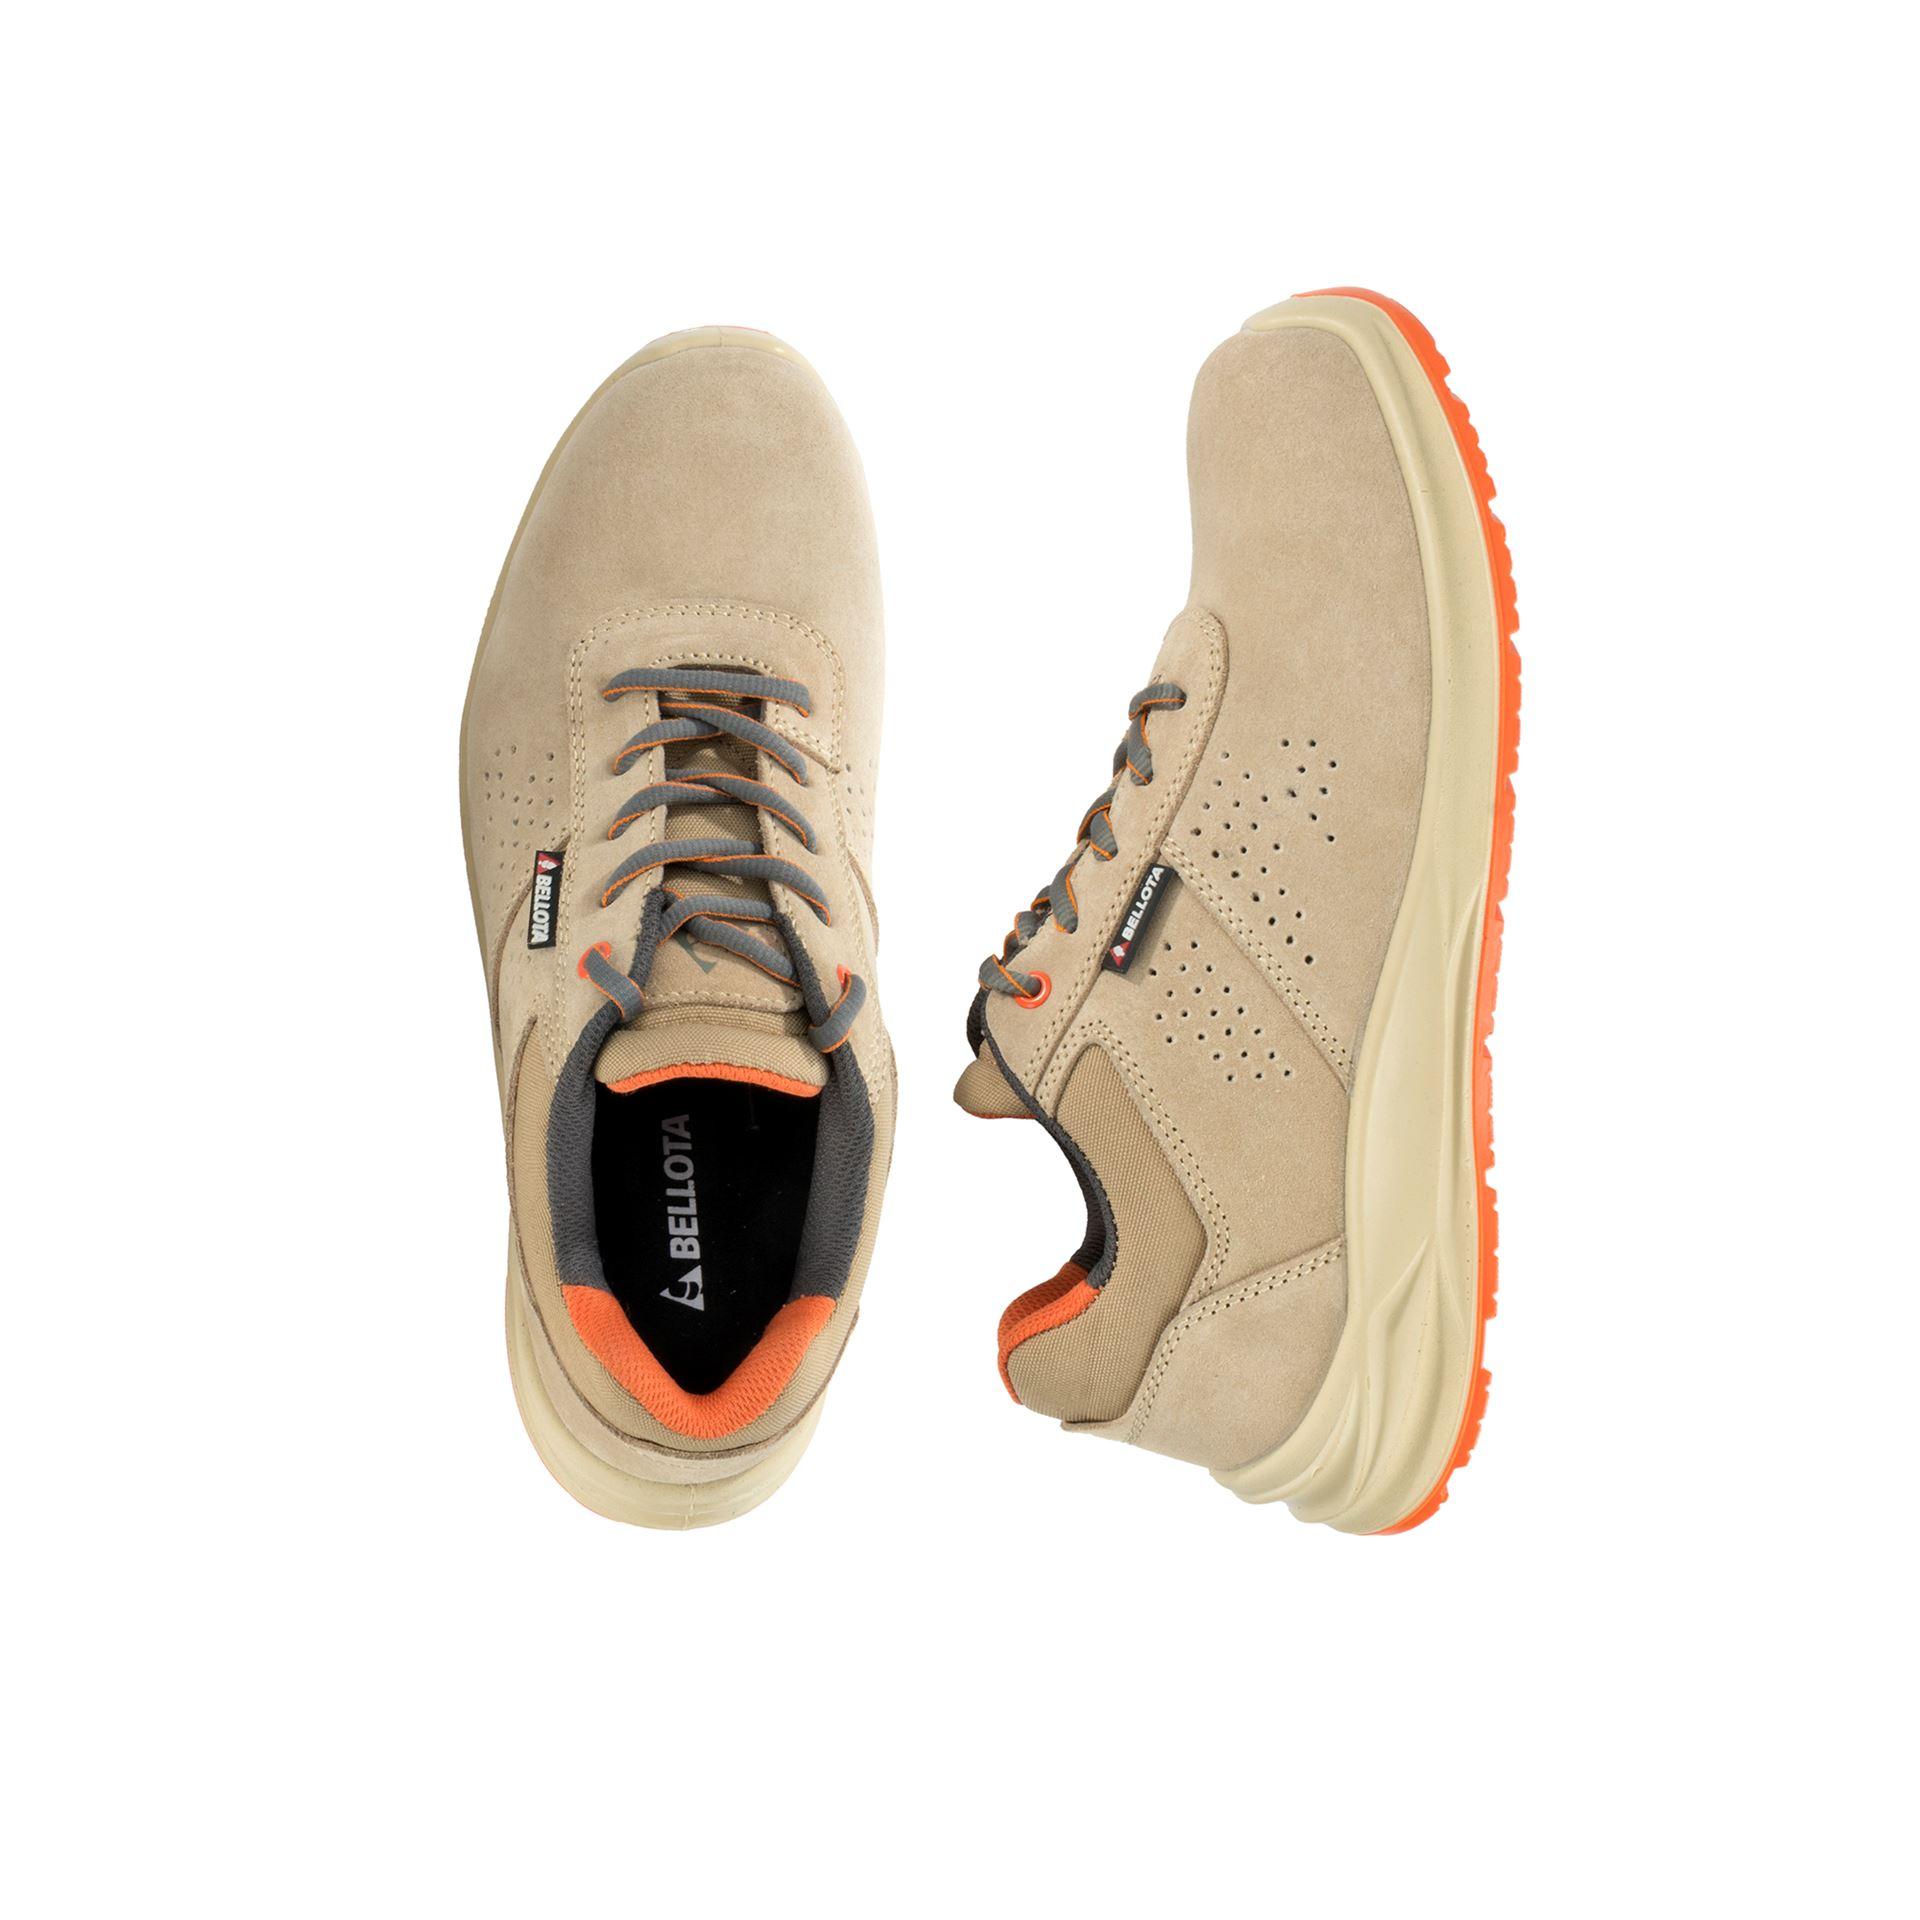 Imagen de Zapato seguridad S1P Bellota Flex Beige FTW02